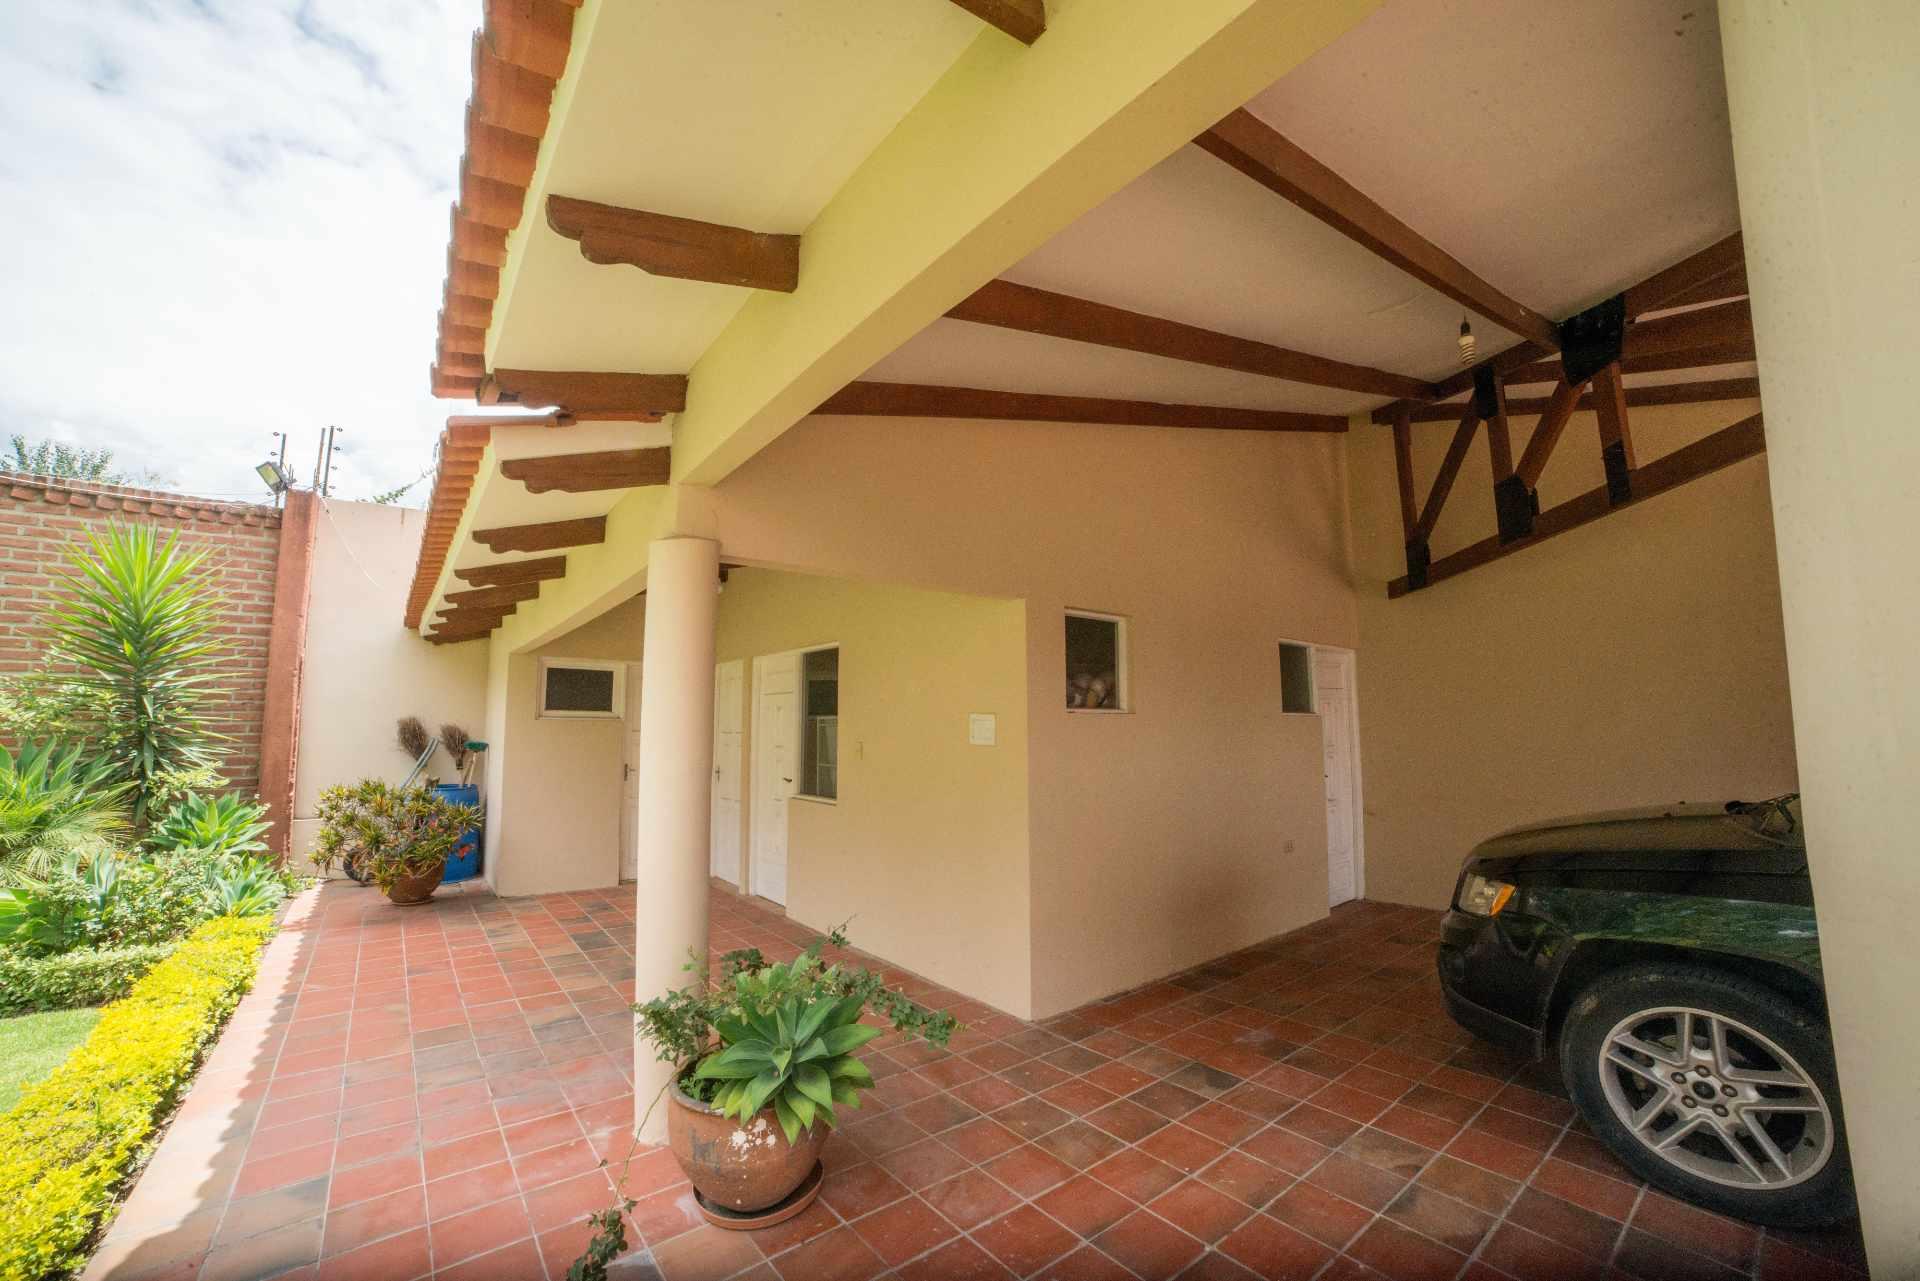 Casa en Venta PRECIOSA Y AMPLIA CASA - ZONA FINAL AMÉRICA OESTE Foto 12